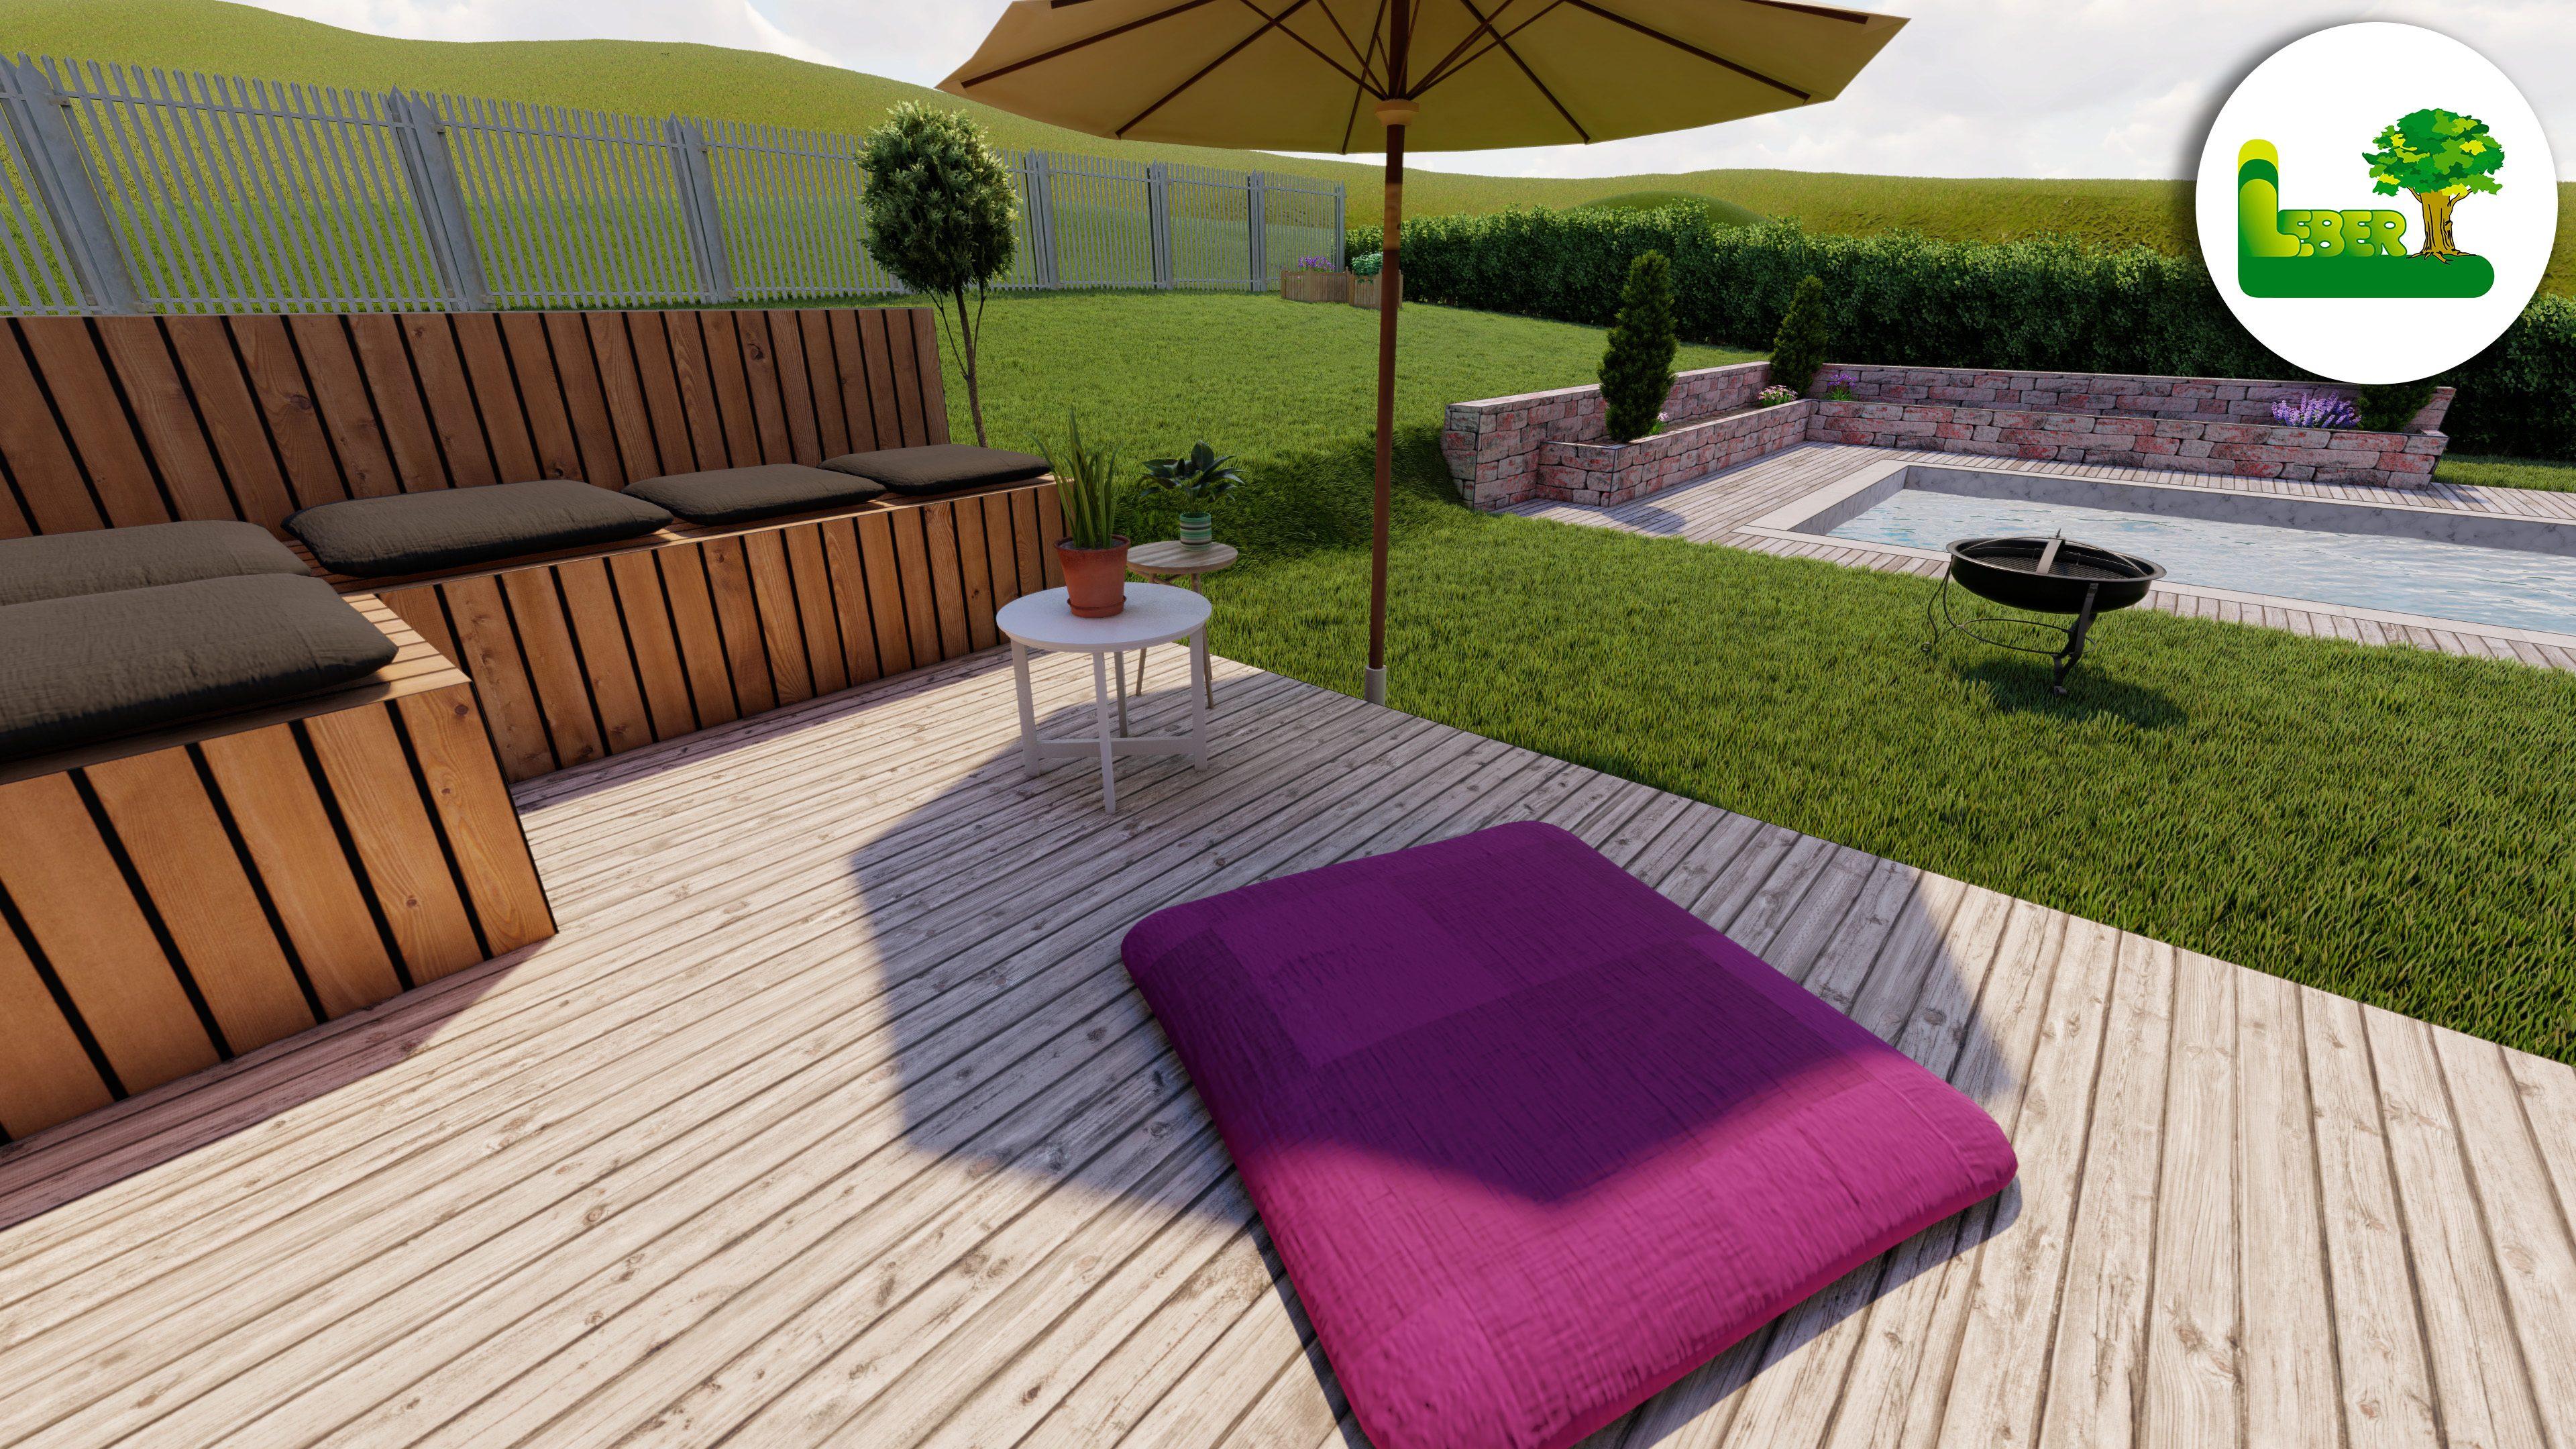 Photo of 3D Gartenplanungen